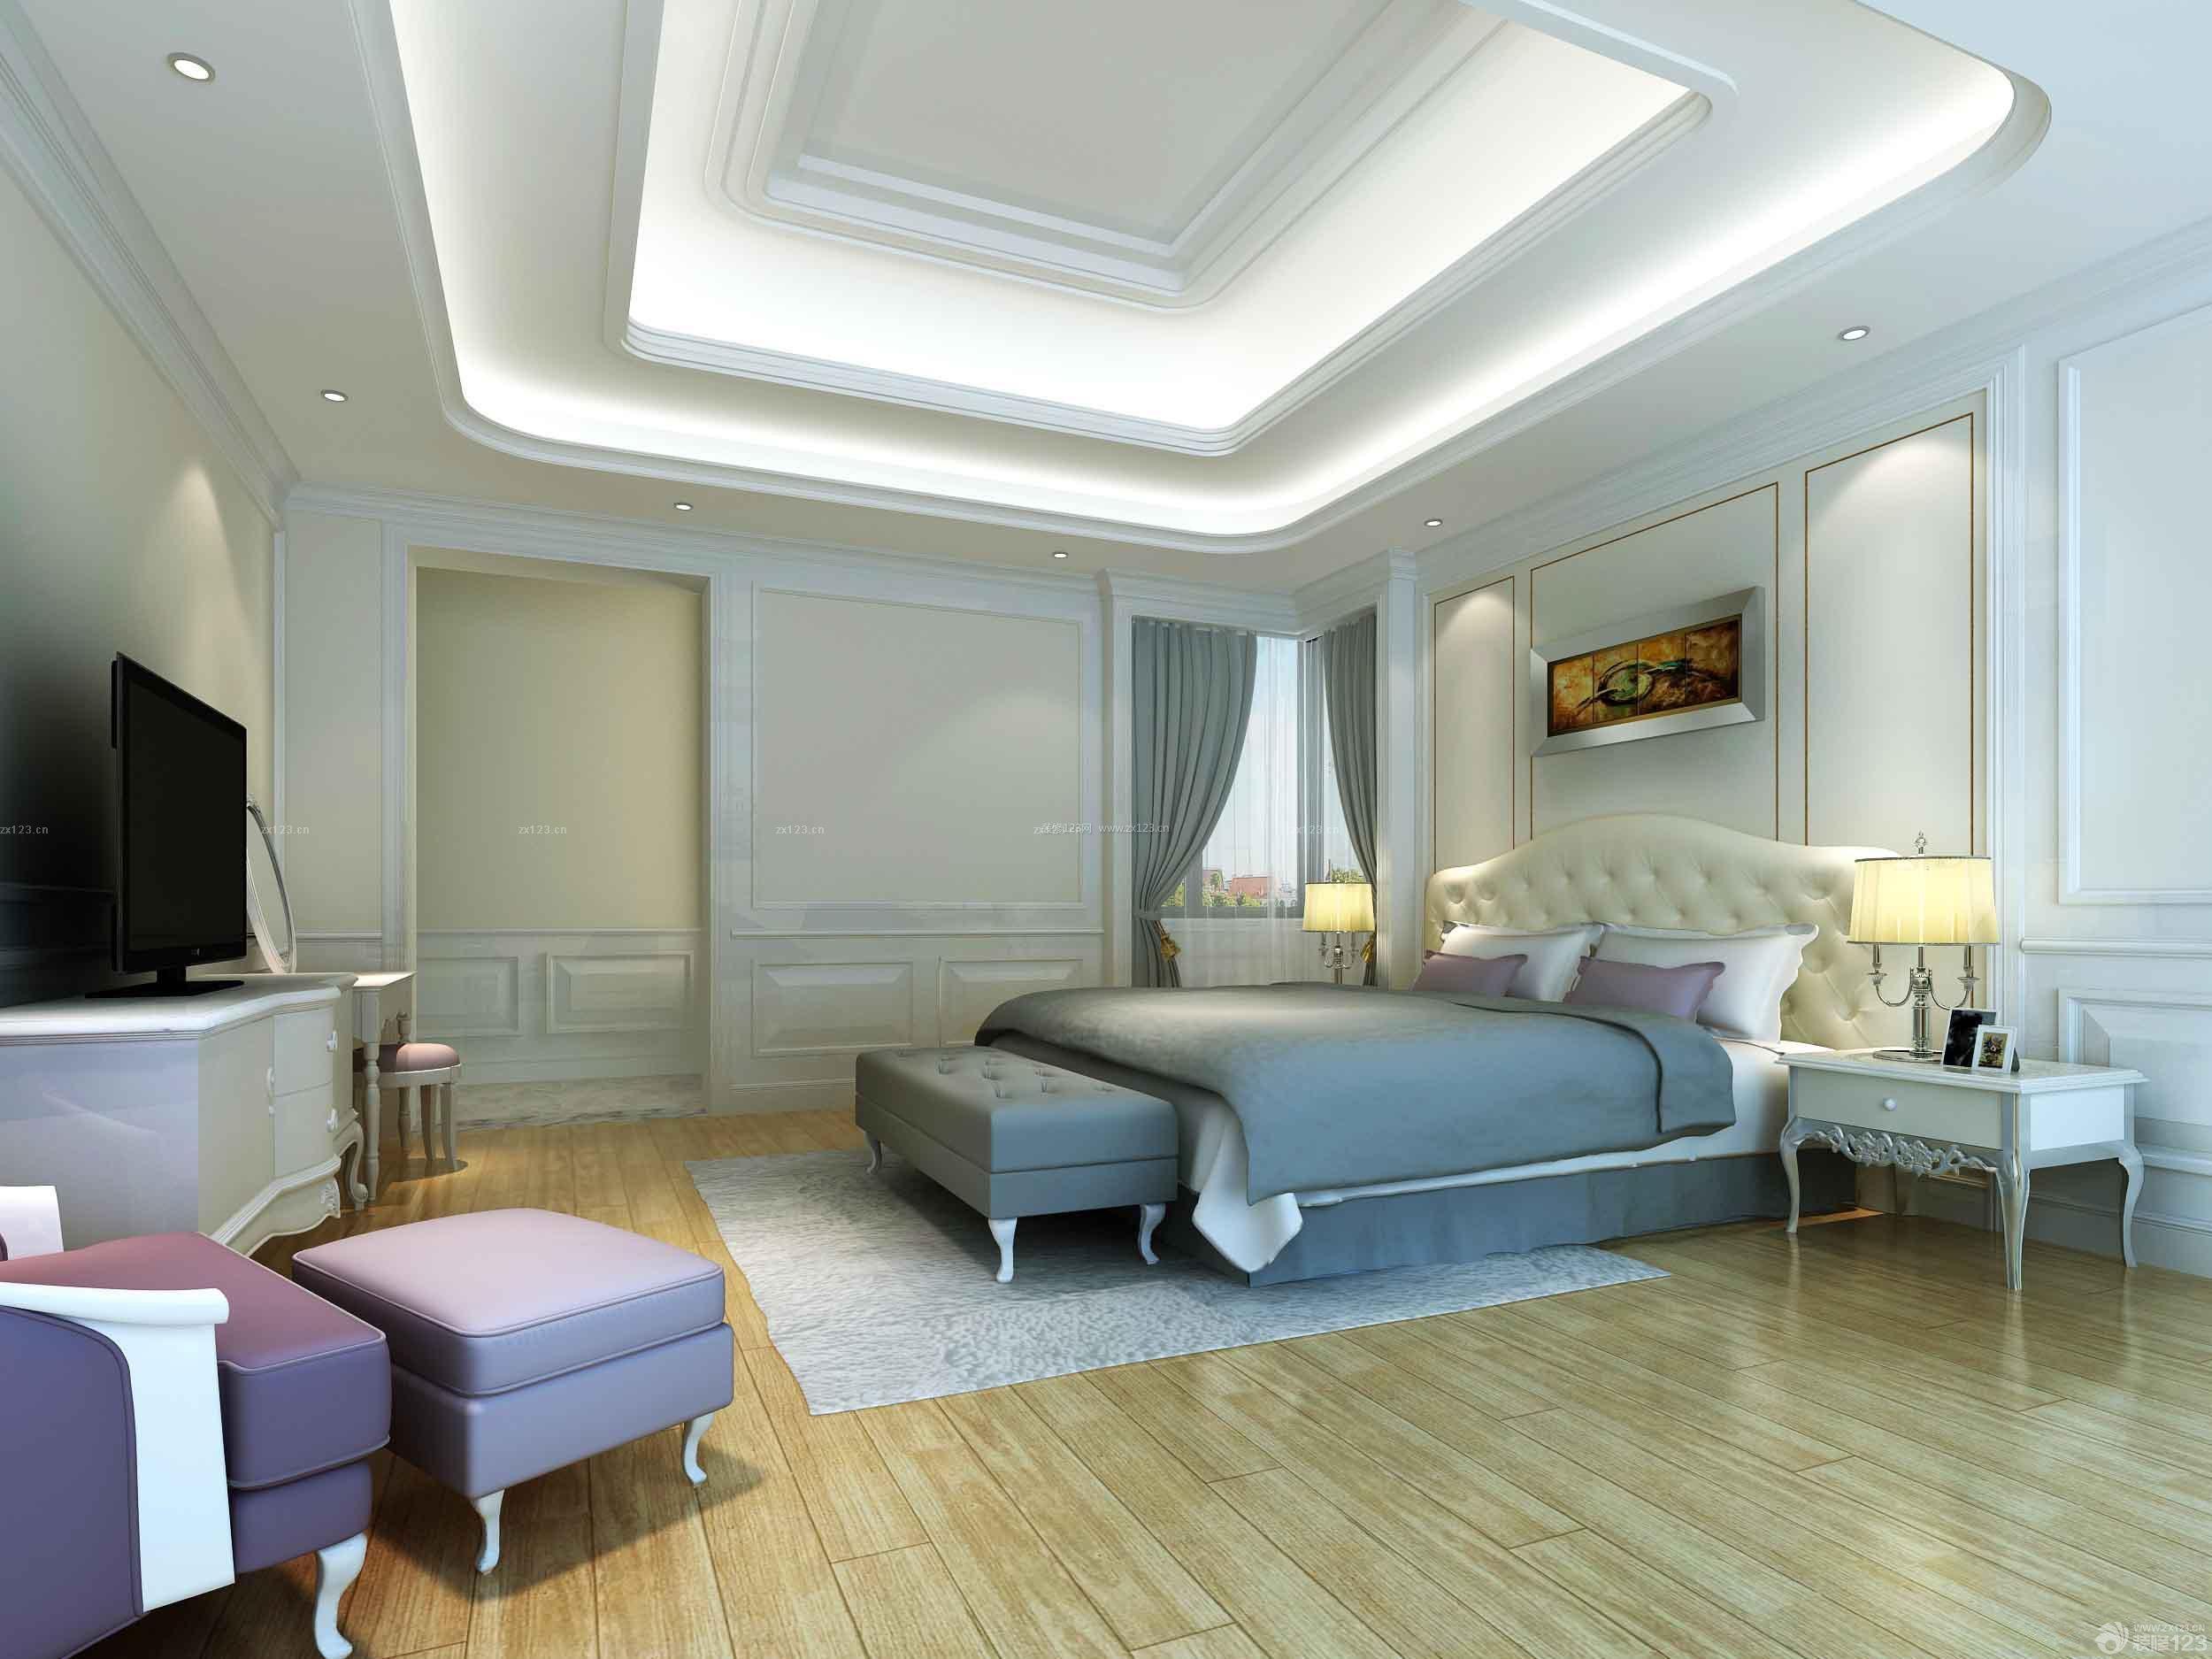 温馨小户型80多平米的房子卧室装修效果图